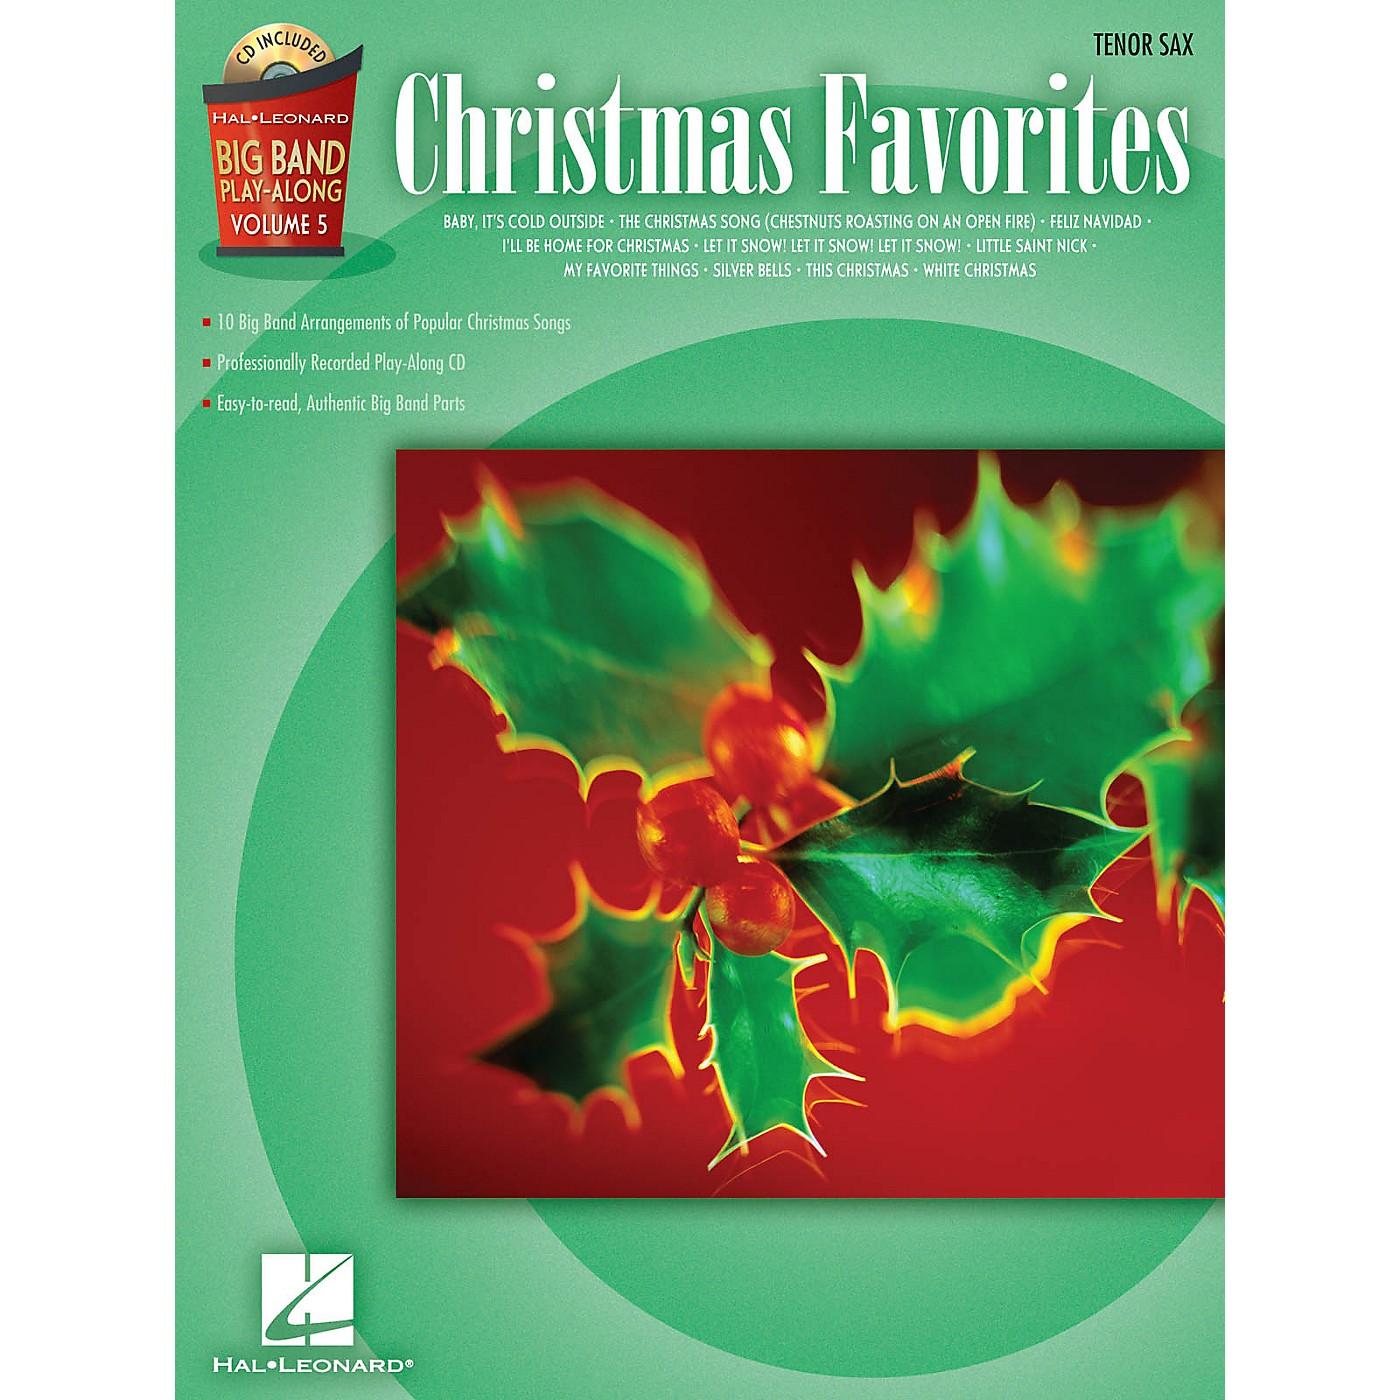 Hal Leonard Christmas Favorites - Tenor Sax Big Band Play-Along Series Book with CD thumbnail